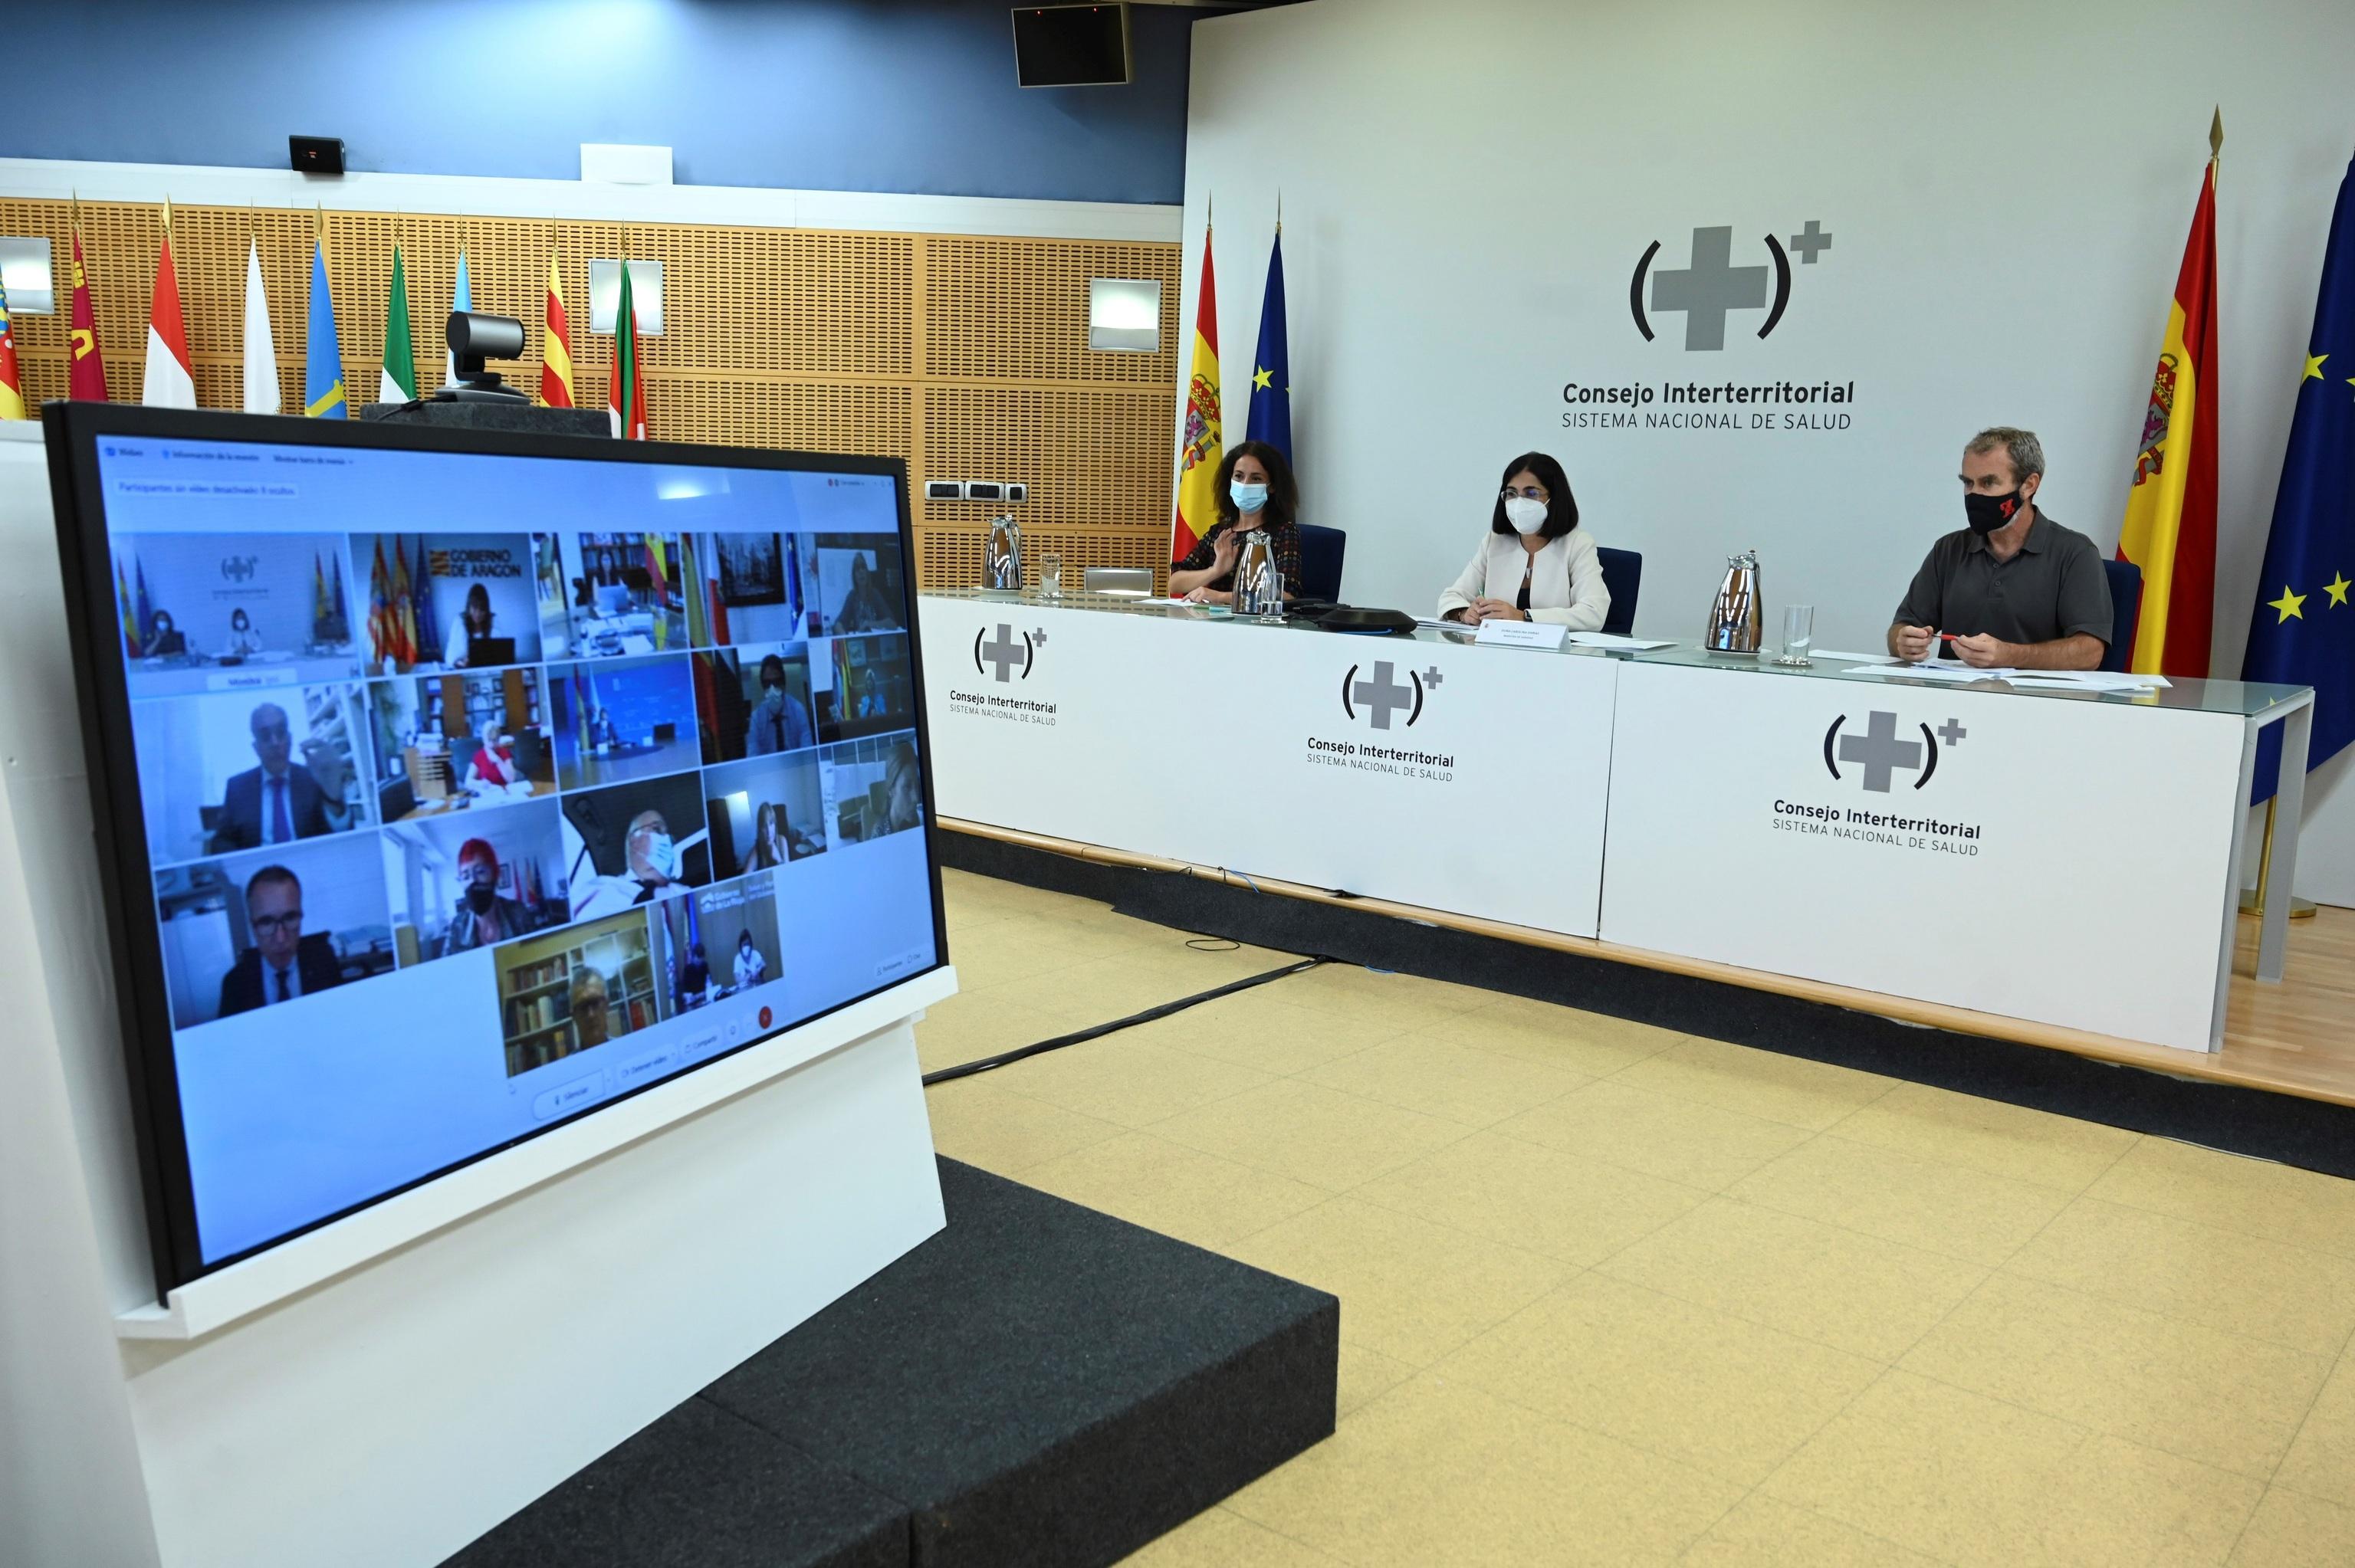 Carolina Darias preside una reunión del Consejo Interterritorial en septiembre.